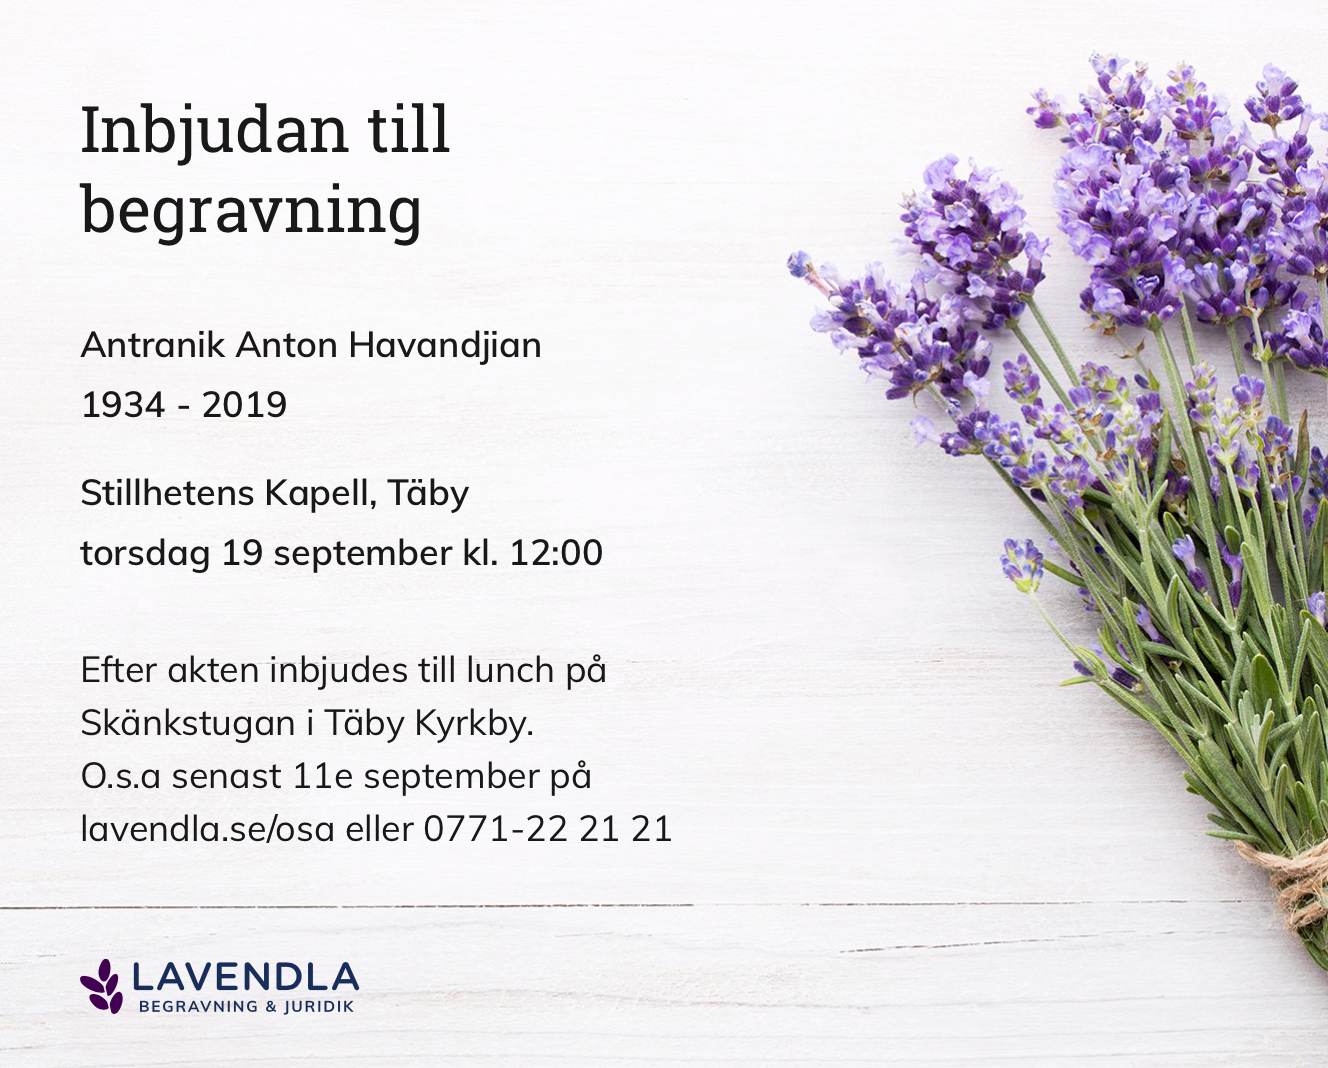 Inbjudningskort till ceremonin för Antranik Anton Havandjian